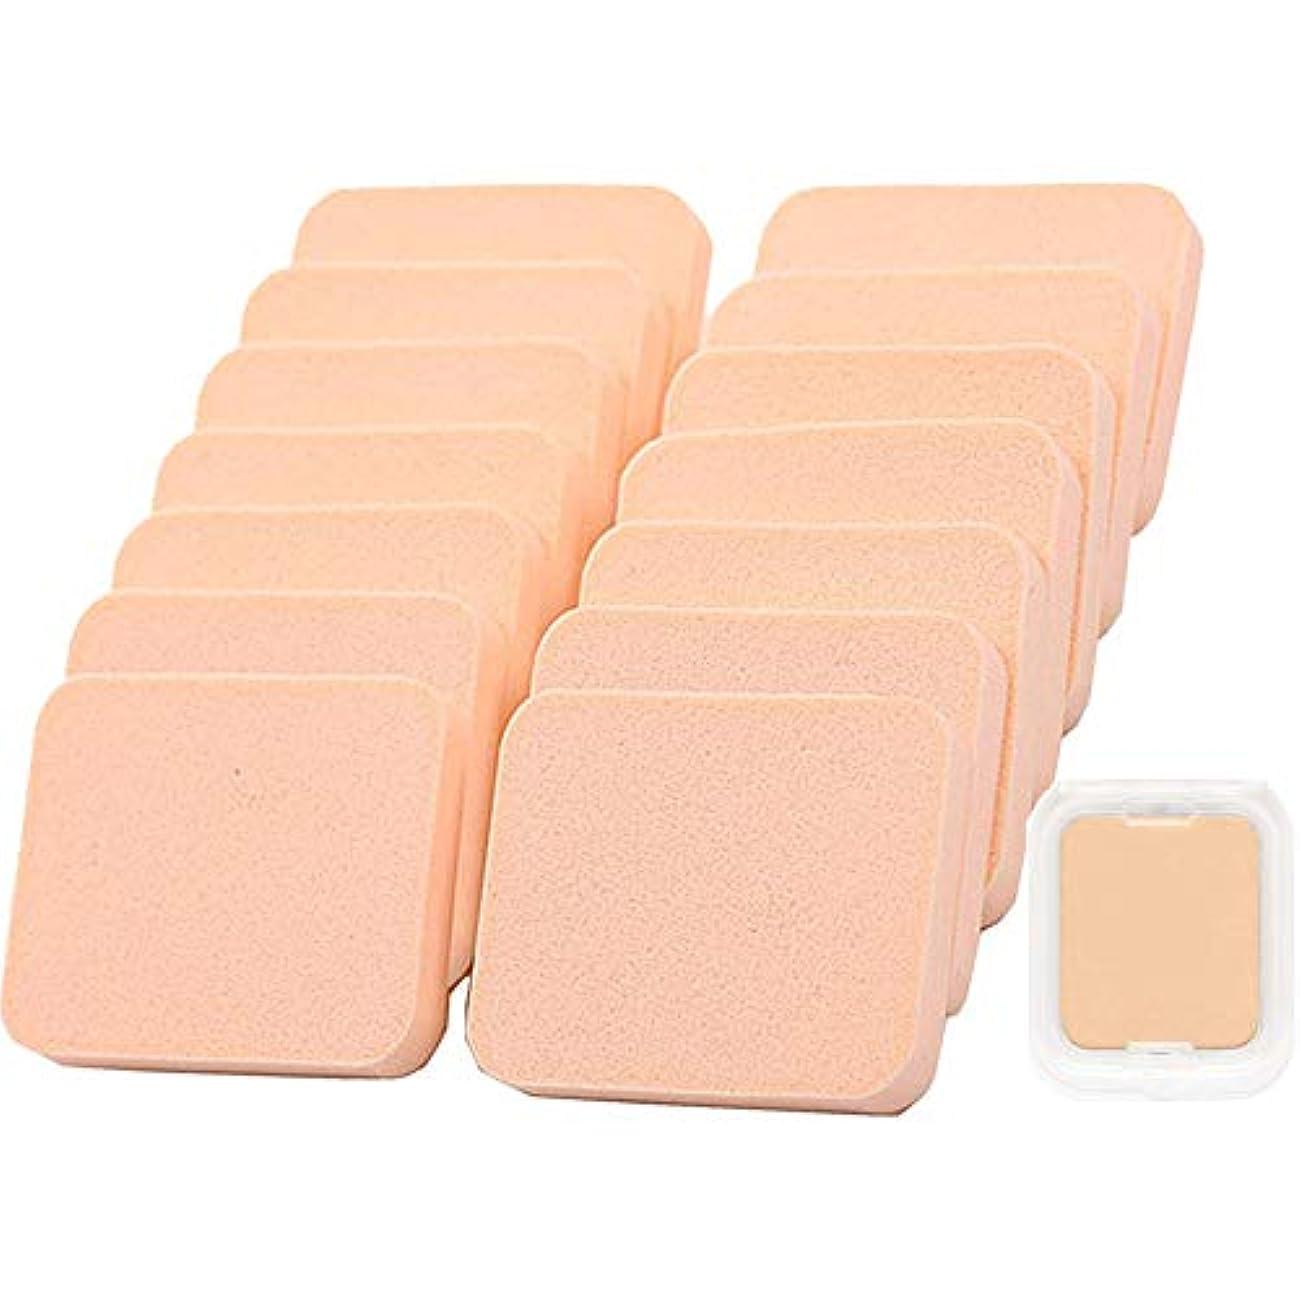 見つける鋸歯状対立エアパフ Butokal エアクッションパフ クリーム アプリケーター 乾湿兼用 スポンジパフセット フェイシャル 15個入 化粧道具